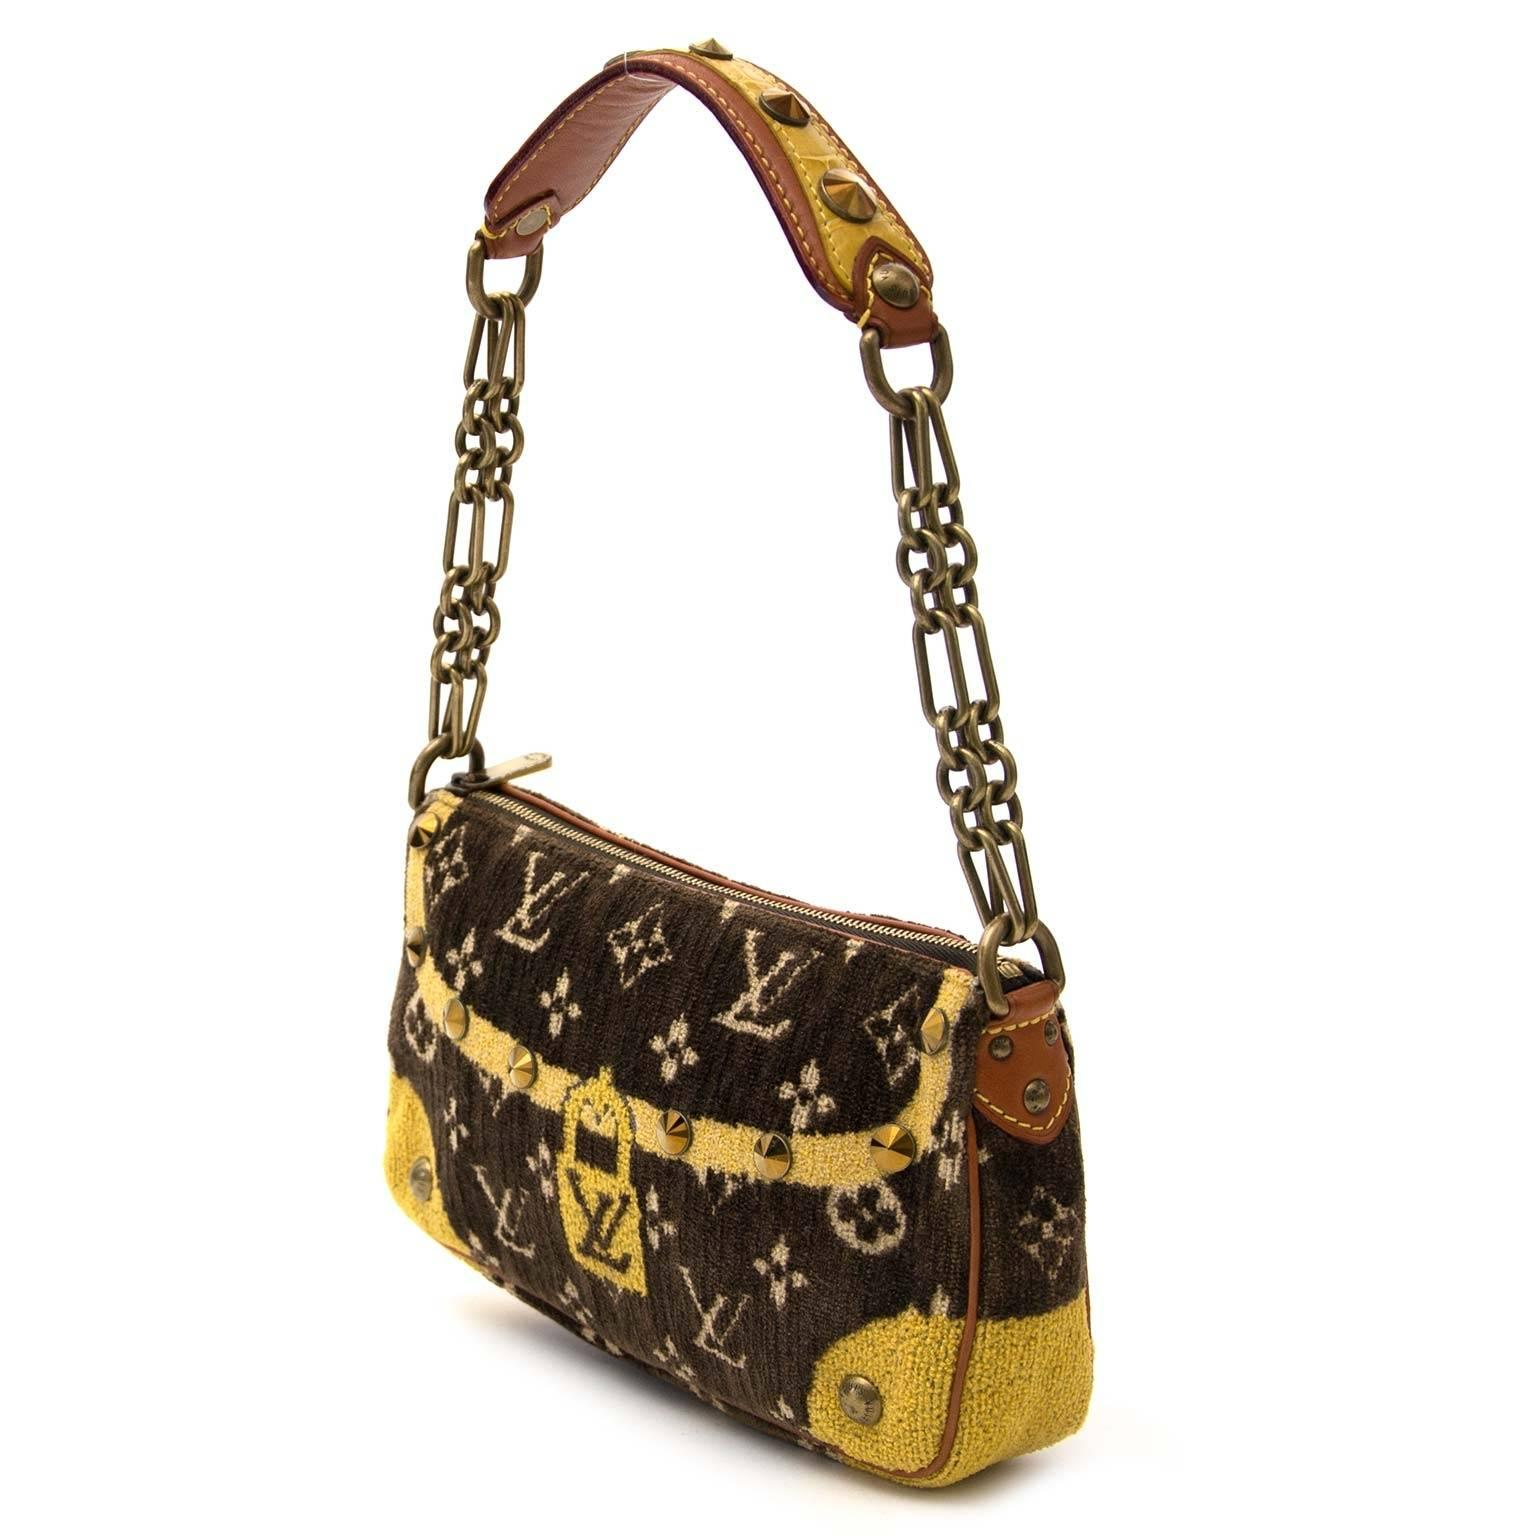 Louis Vuitton Limited Pochette Accessoire Trompe Loeil Shoulder Bag ogU1T